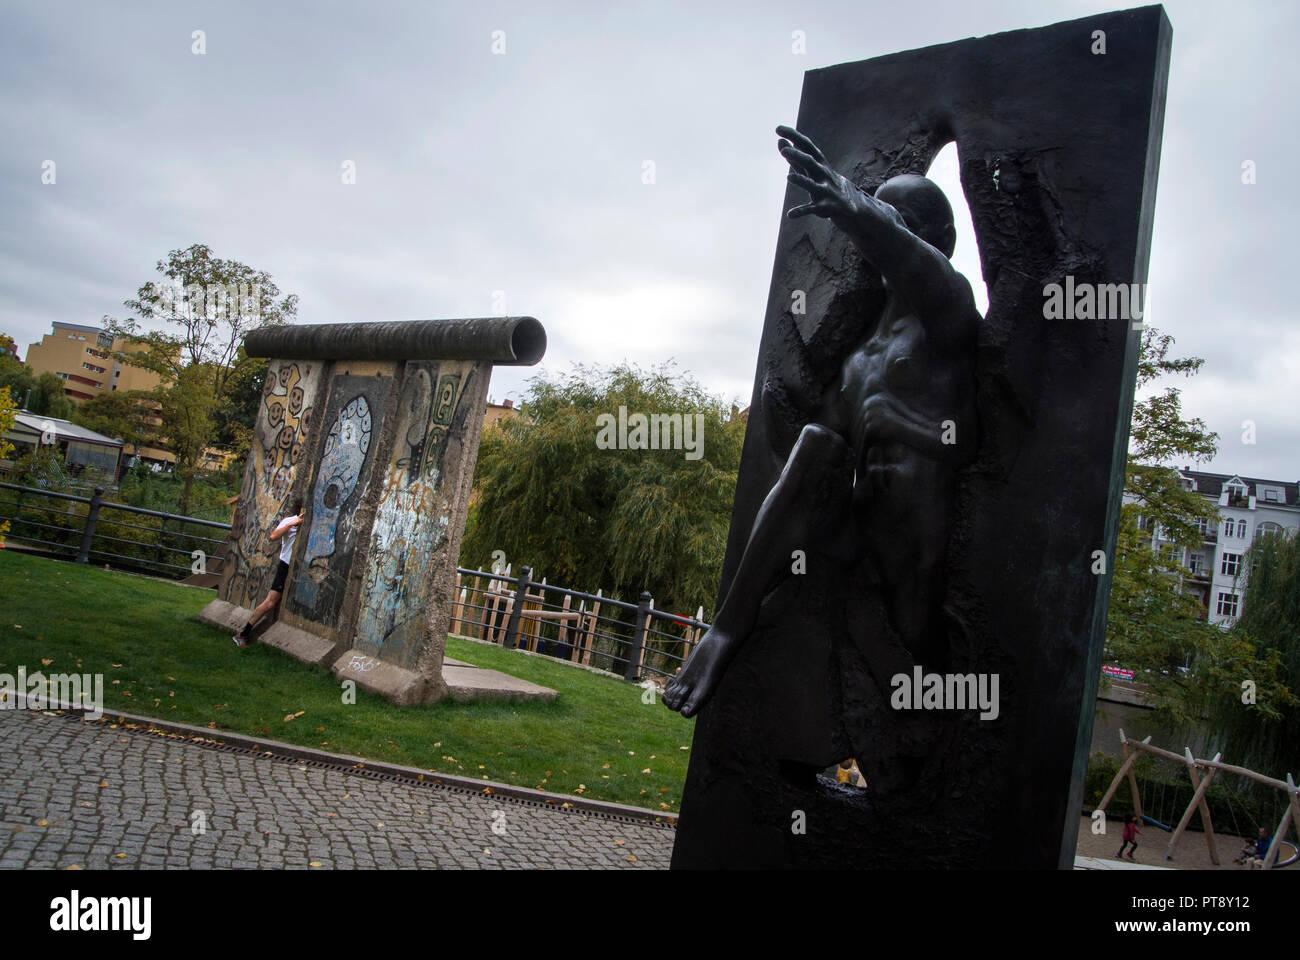 'Wir sind das Volk' on the Straβe der Erinnerung with a segment of the Berlin Wall in Background, Berlin. - Stock Image